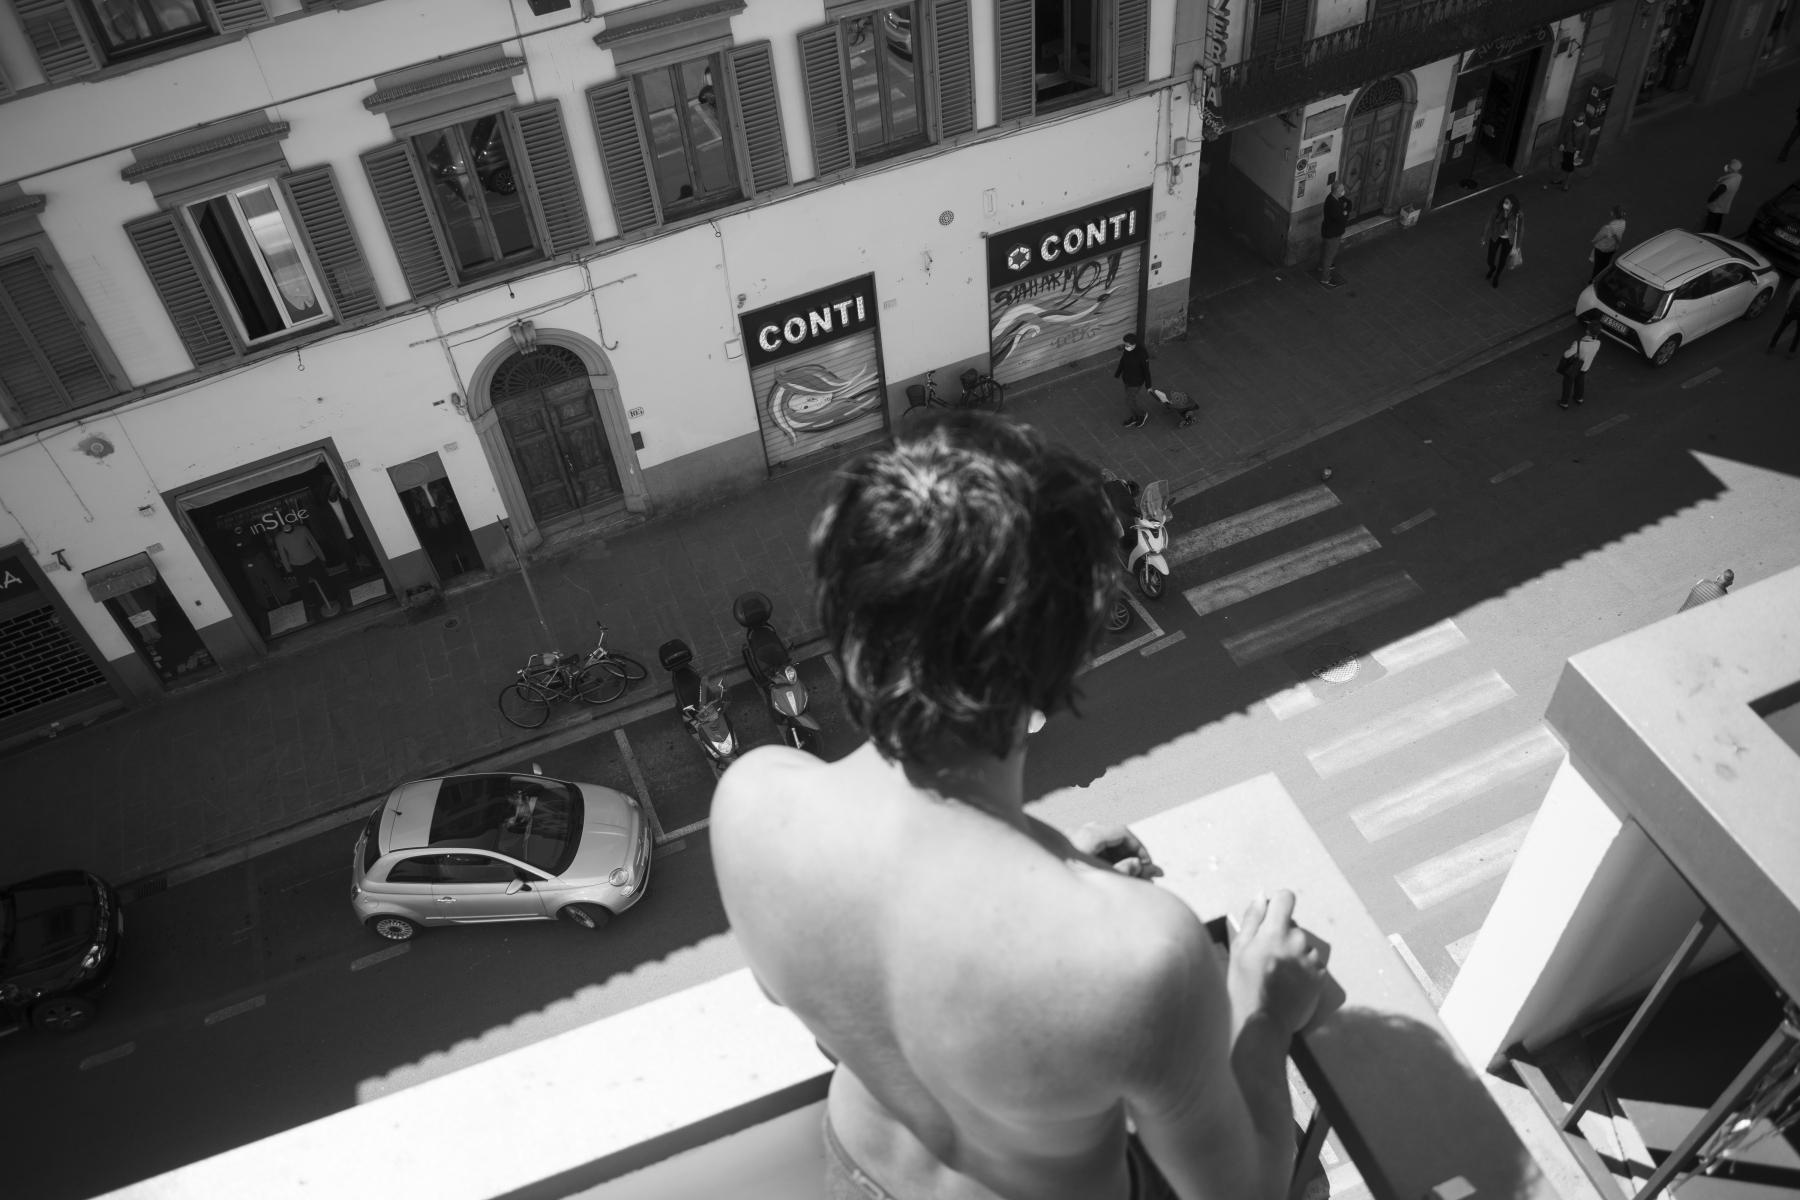 02_TEJAS BALAPALLI, my-balcony-copy